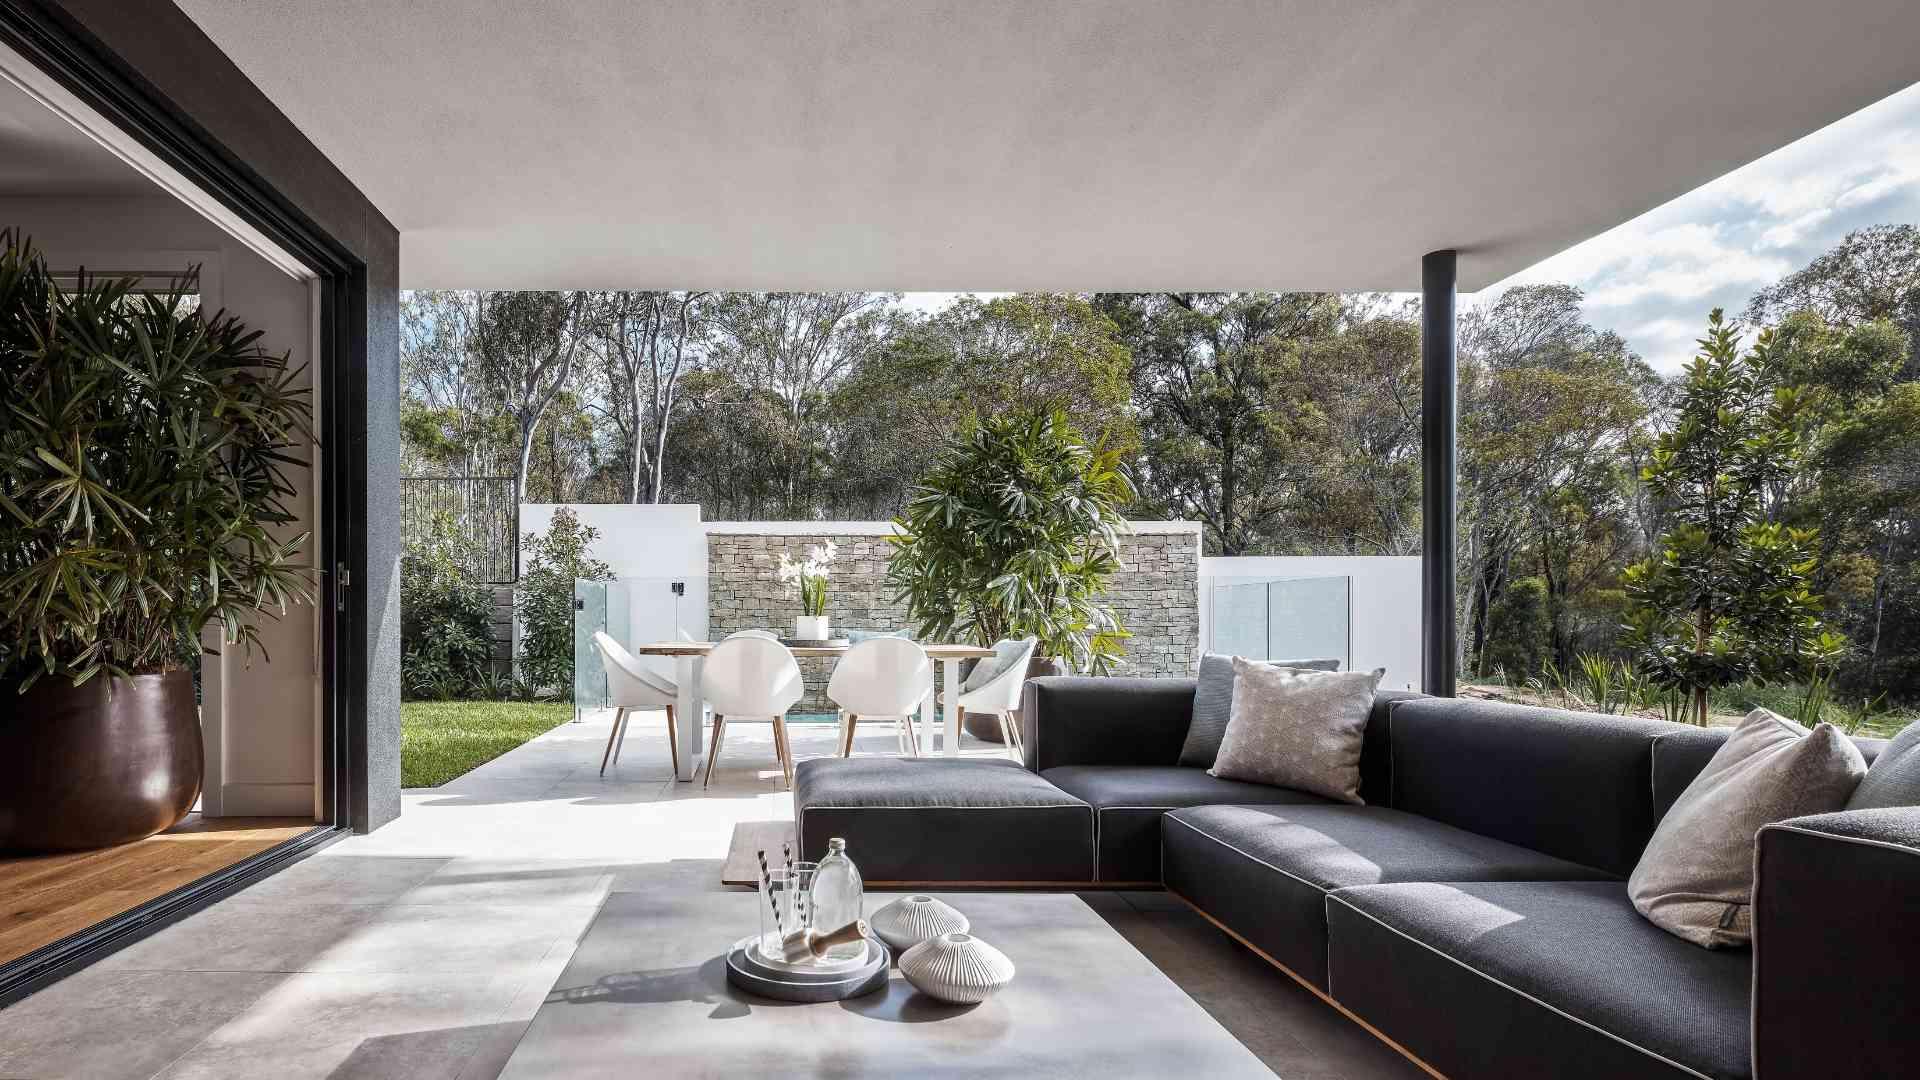 L-shaped lounge at the backyard